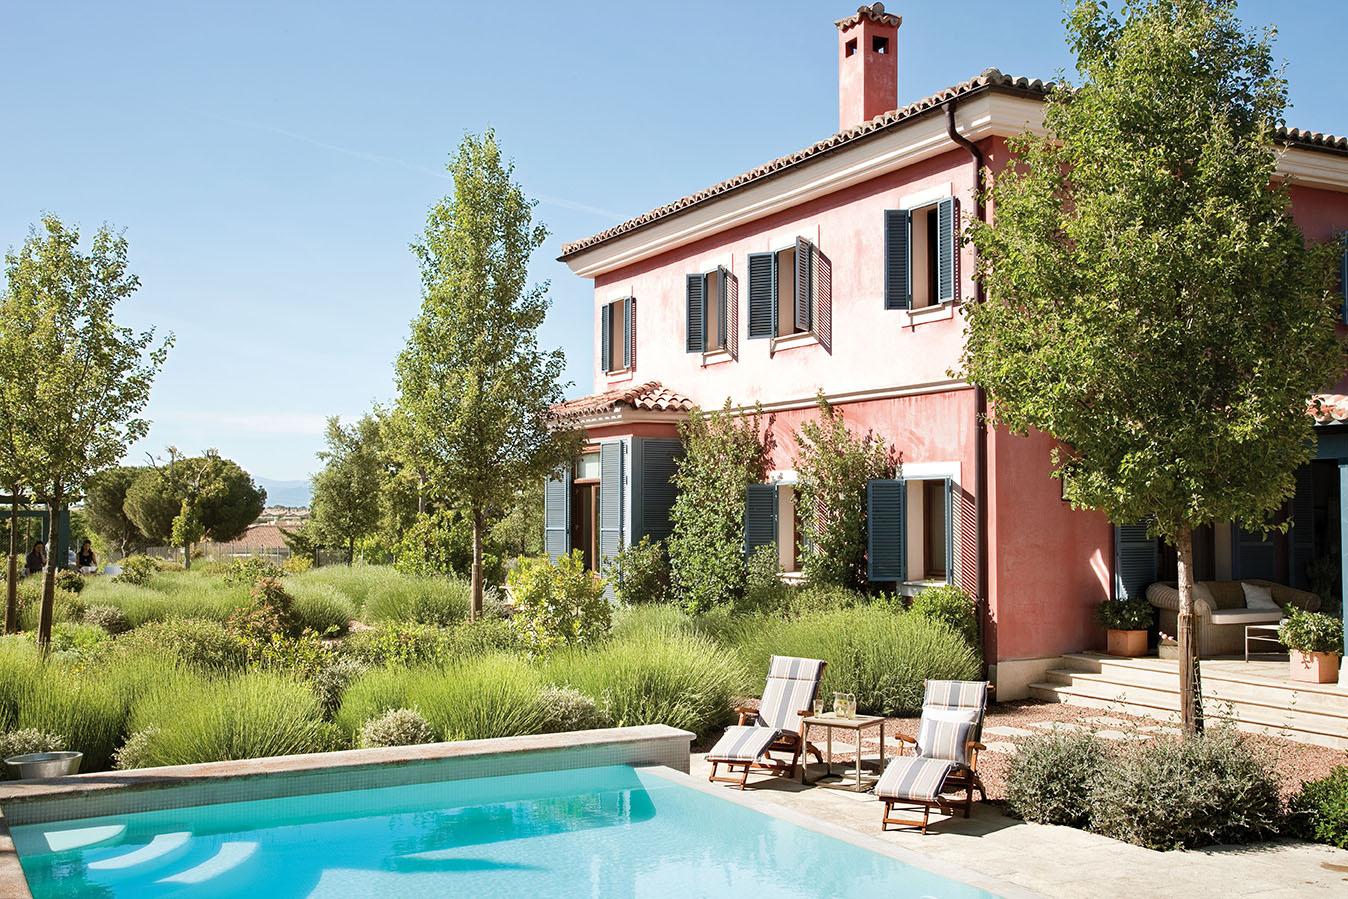 Una casa en la toscana con sorpresa for Casas con piscina dentro